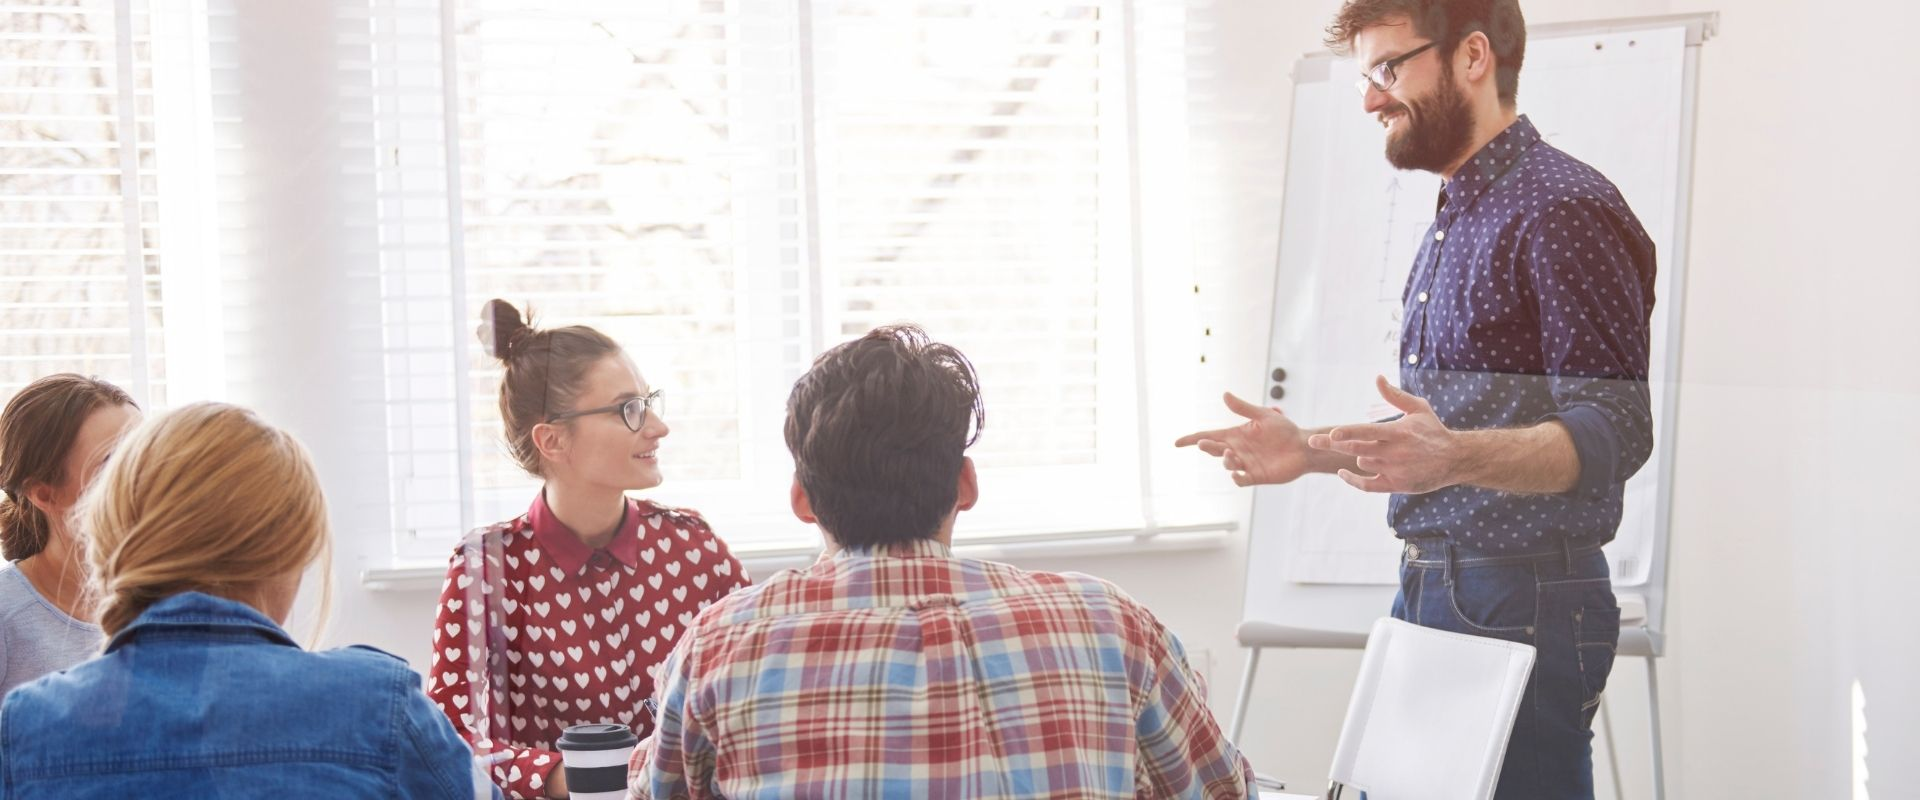 Líderes de TI: quais são os principais desafios da comunicação?